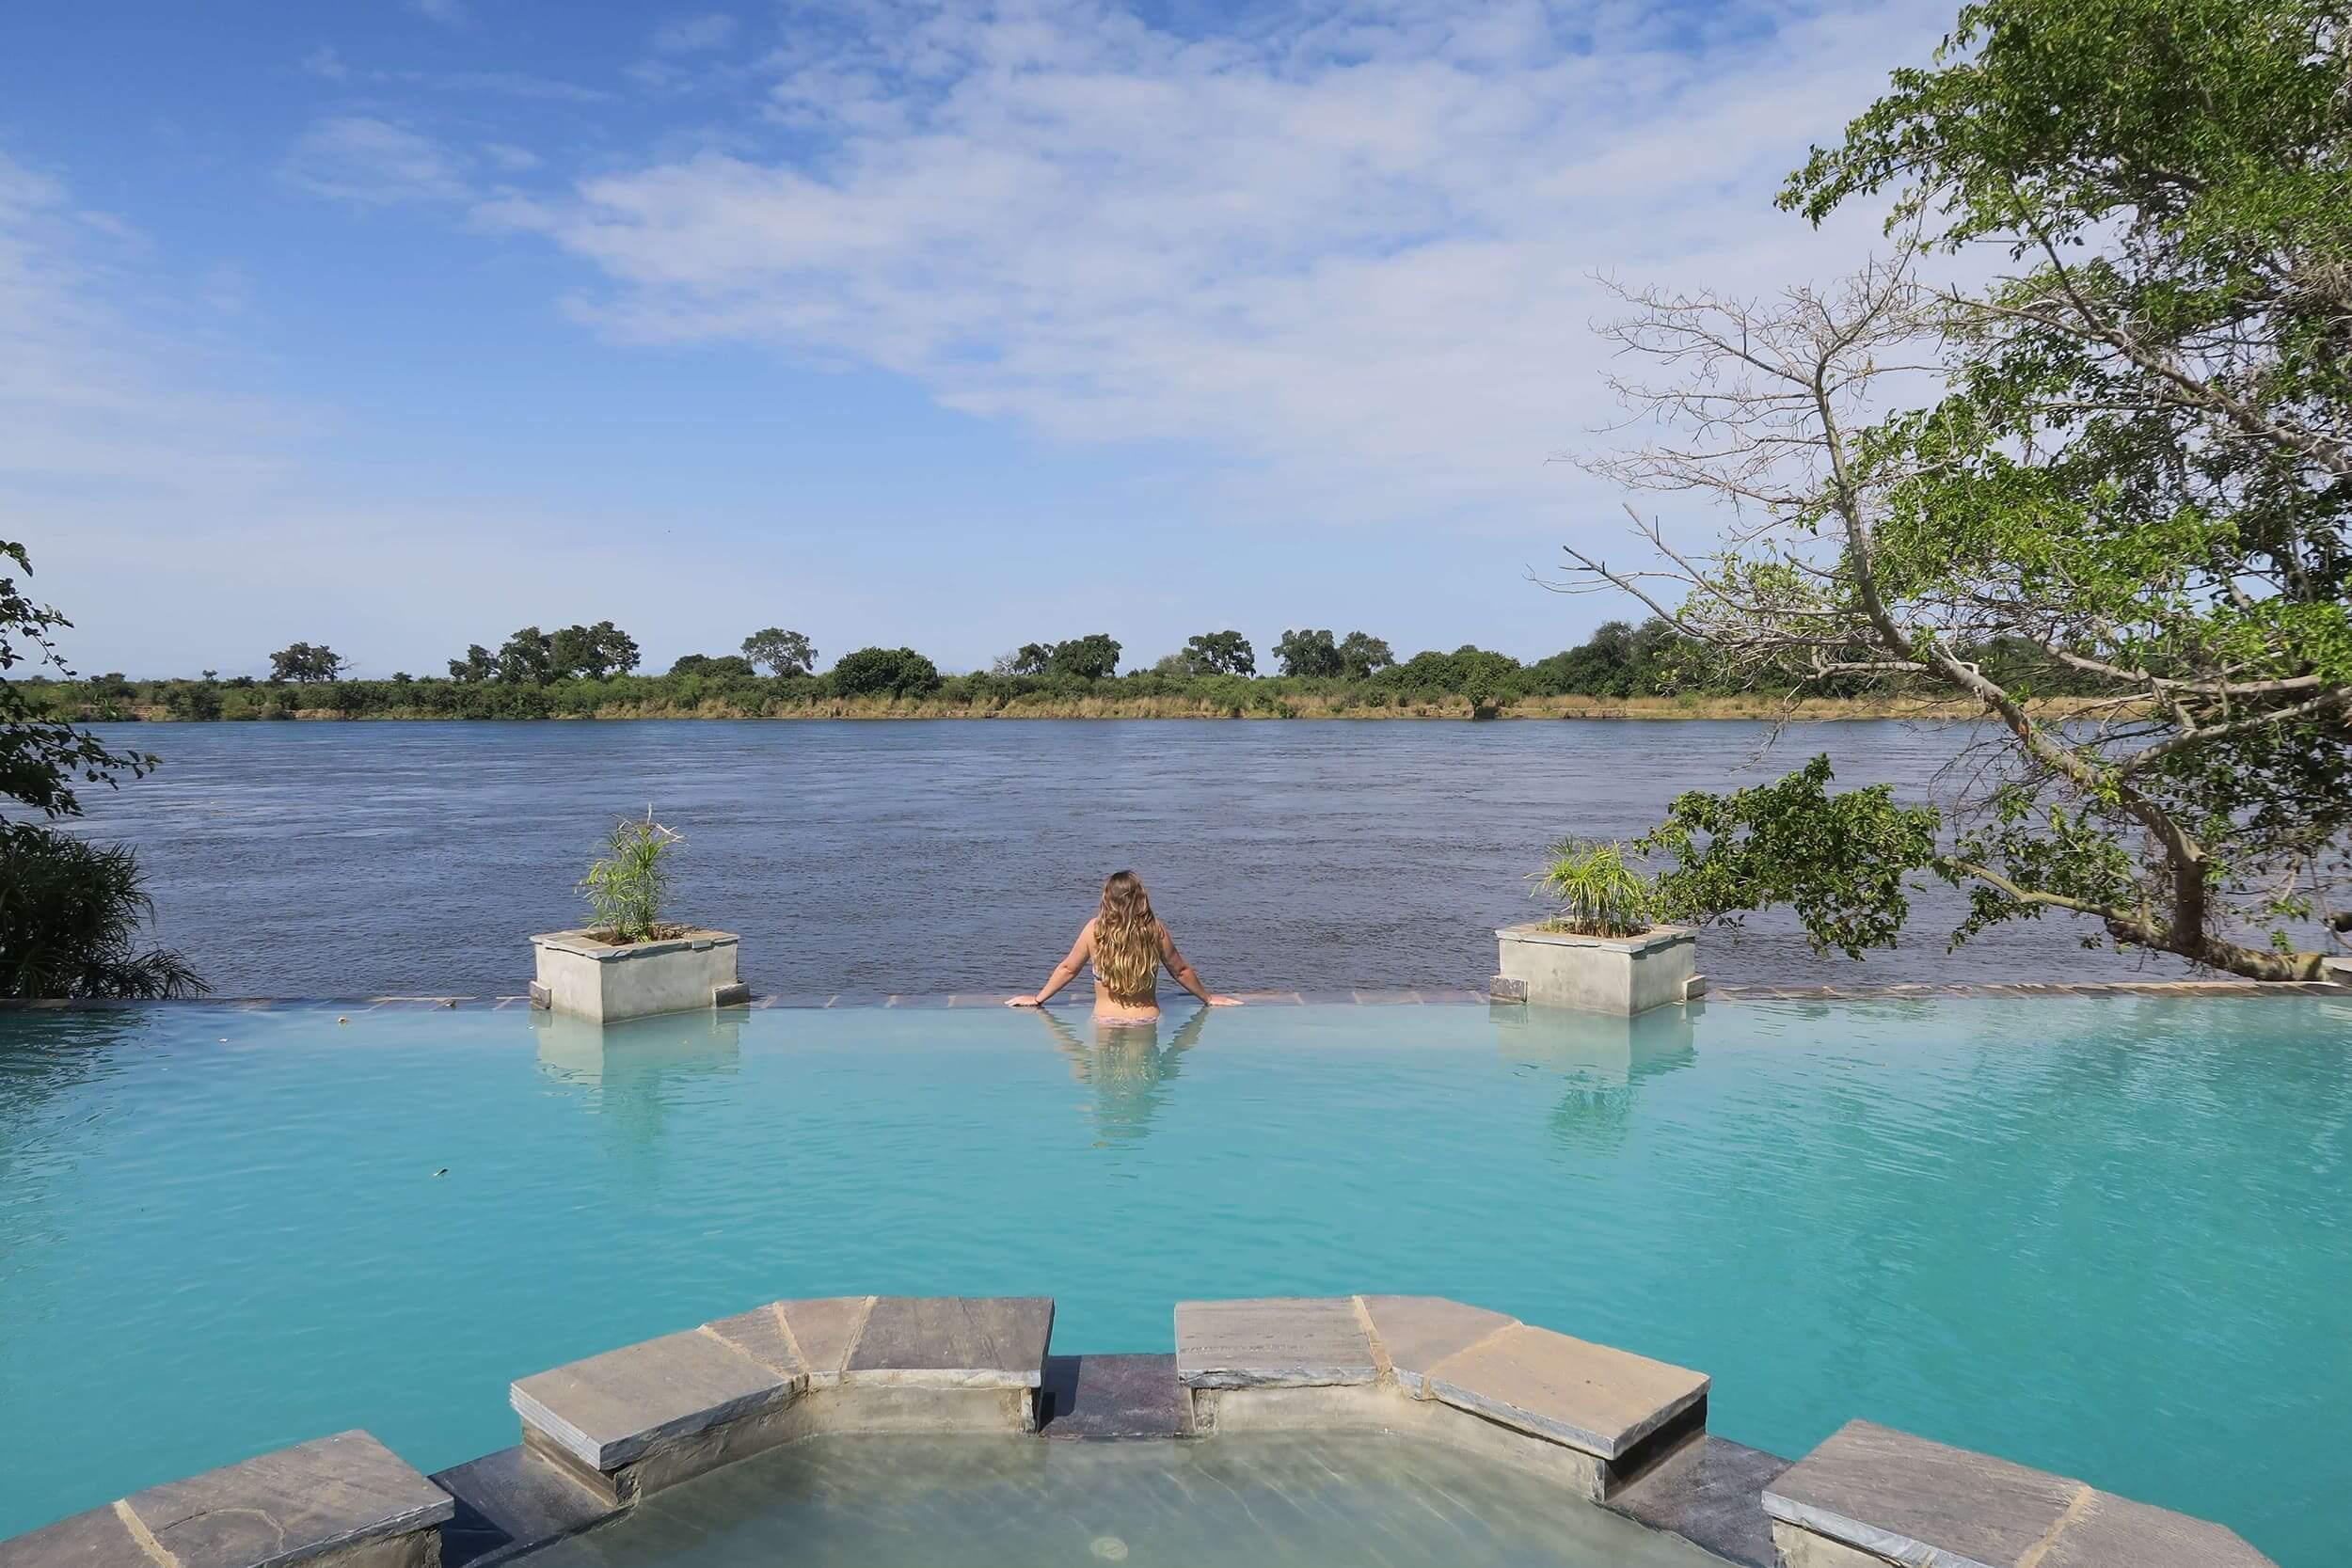 Familie Blans op safari in Lower Zambezi National Park Zambia